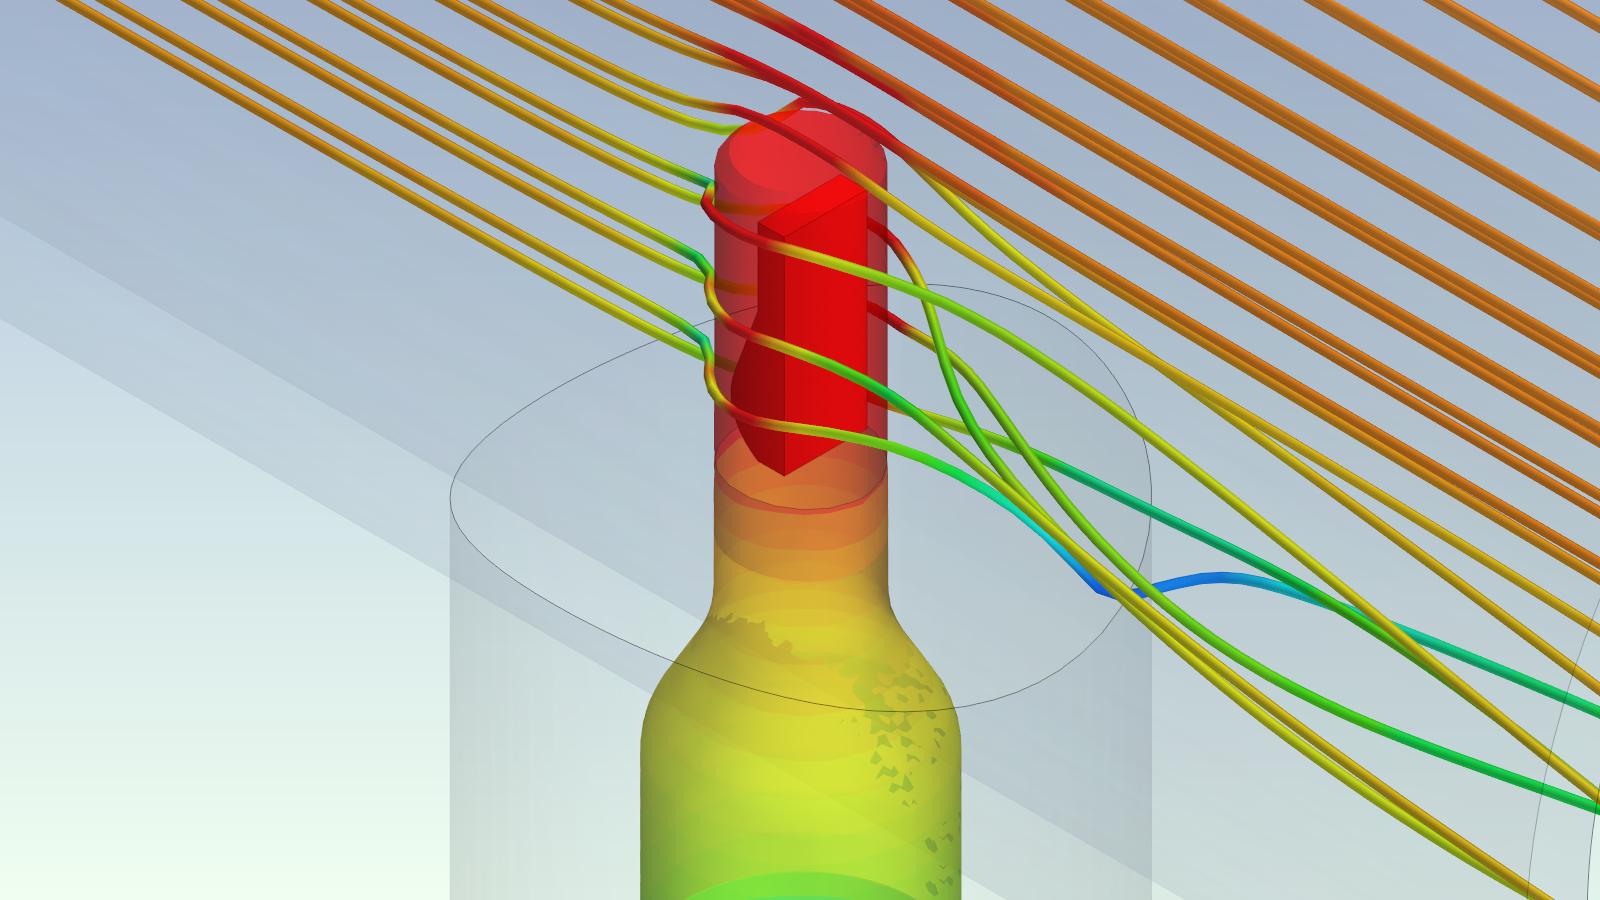 Detailansicht des Sensorkopfs in der Strömung